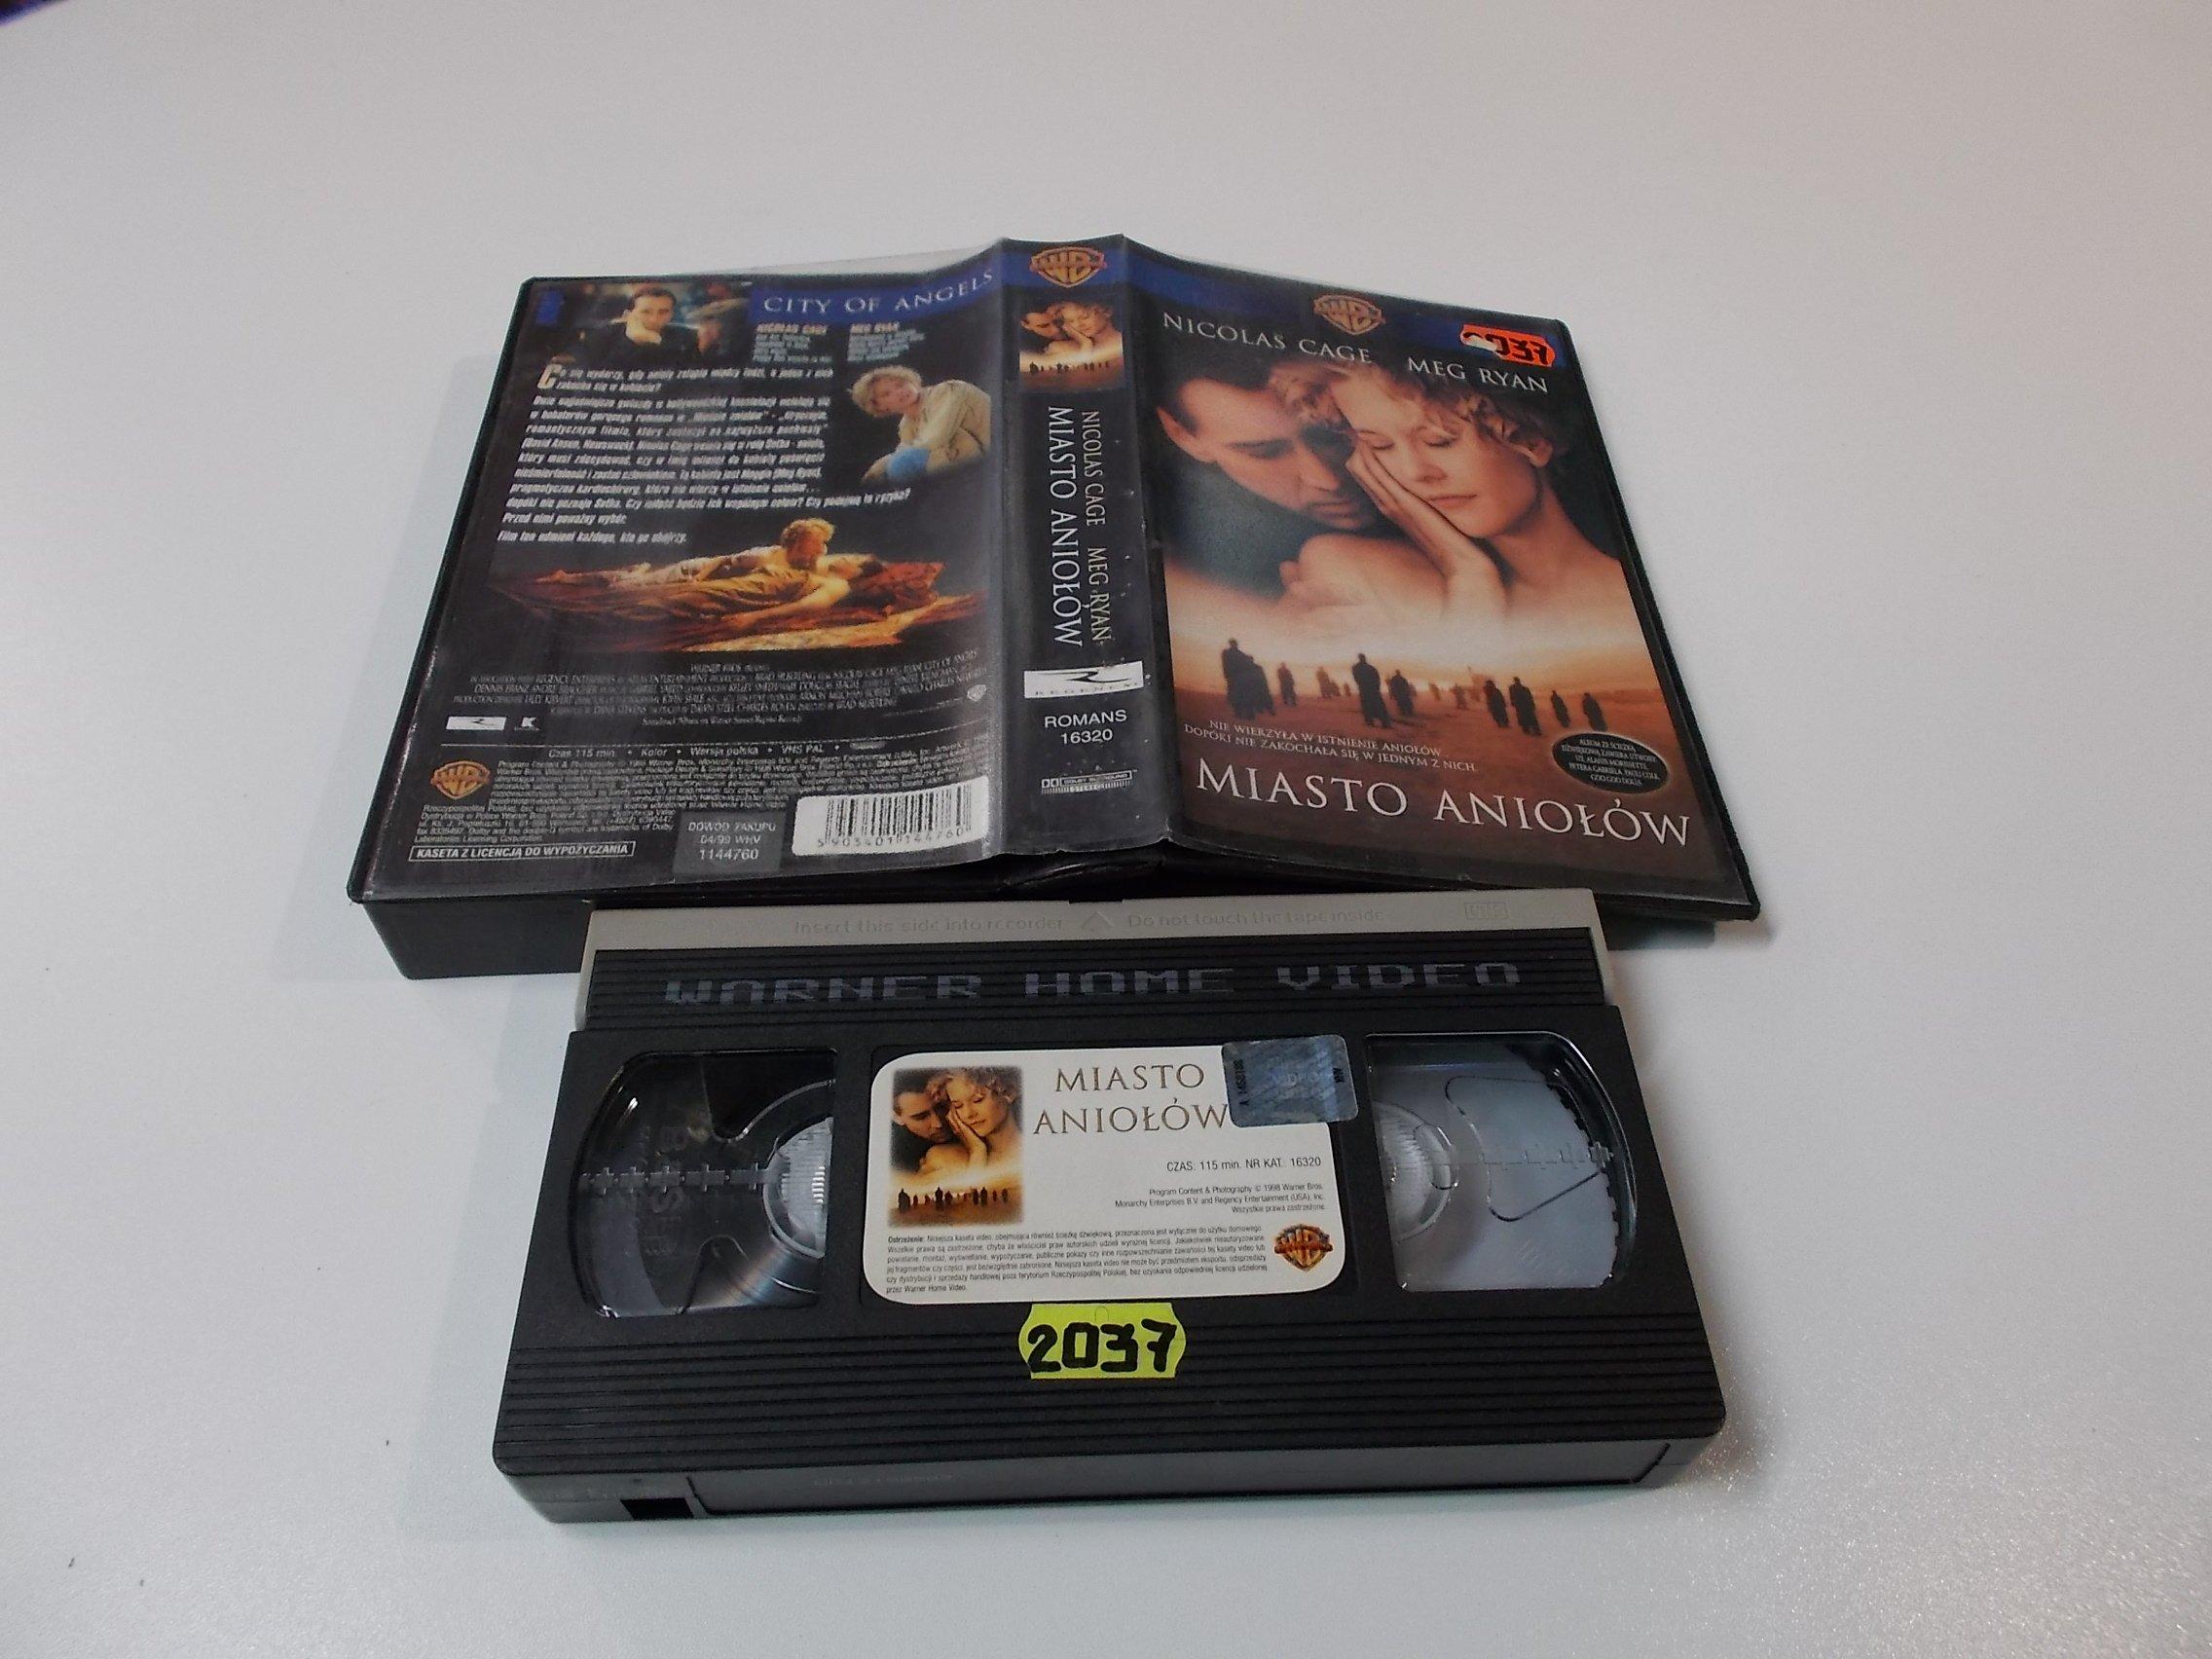 MIASTO ANIOŁÓW - VHS Kaseta Video - Opole 1608